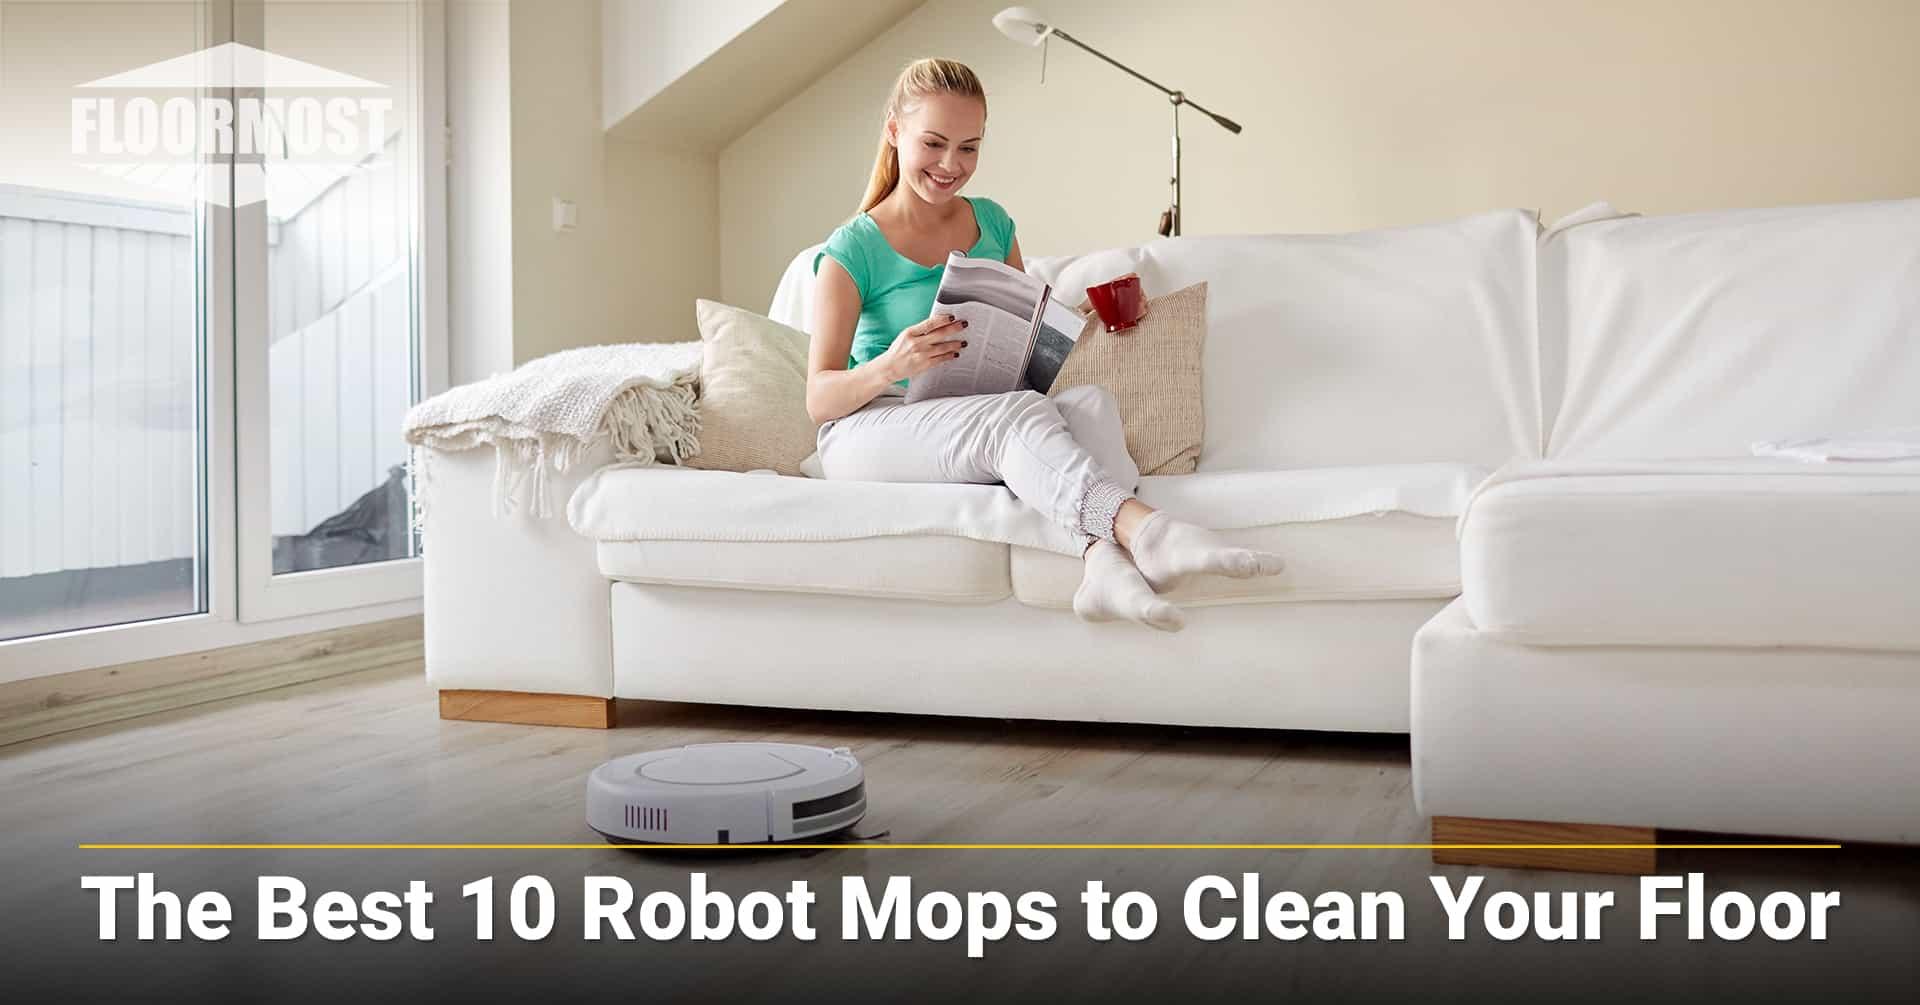 The Best 10 Robot Mops to Clean Your Floor